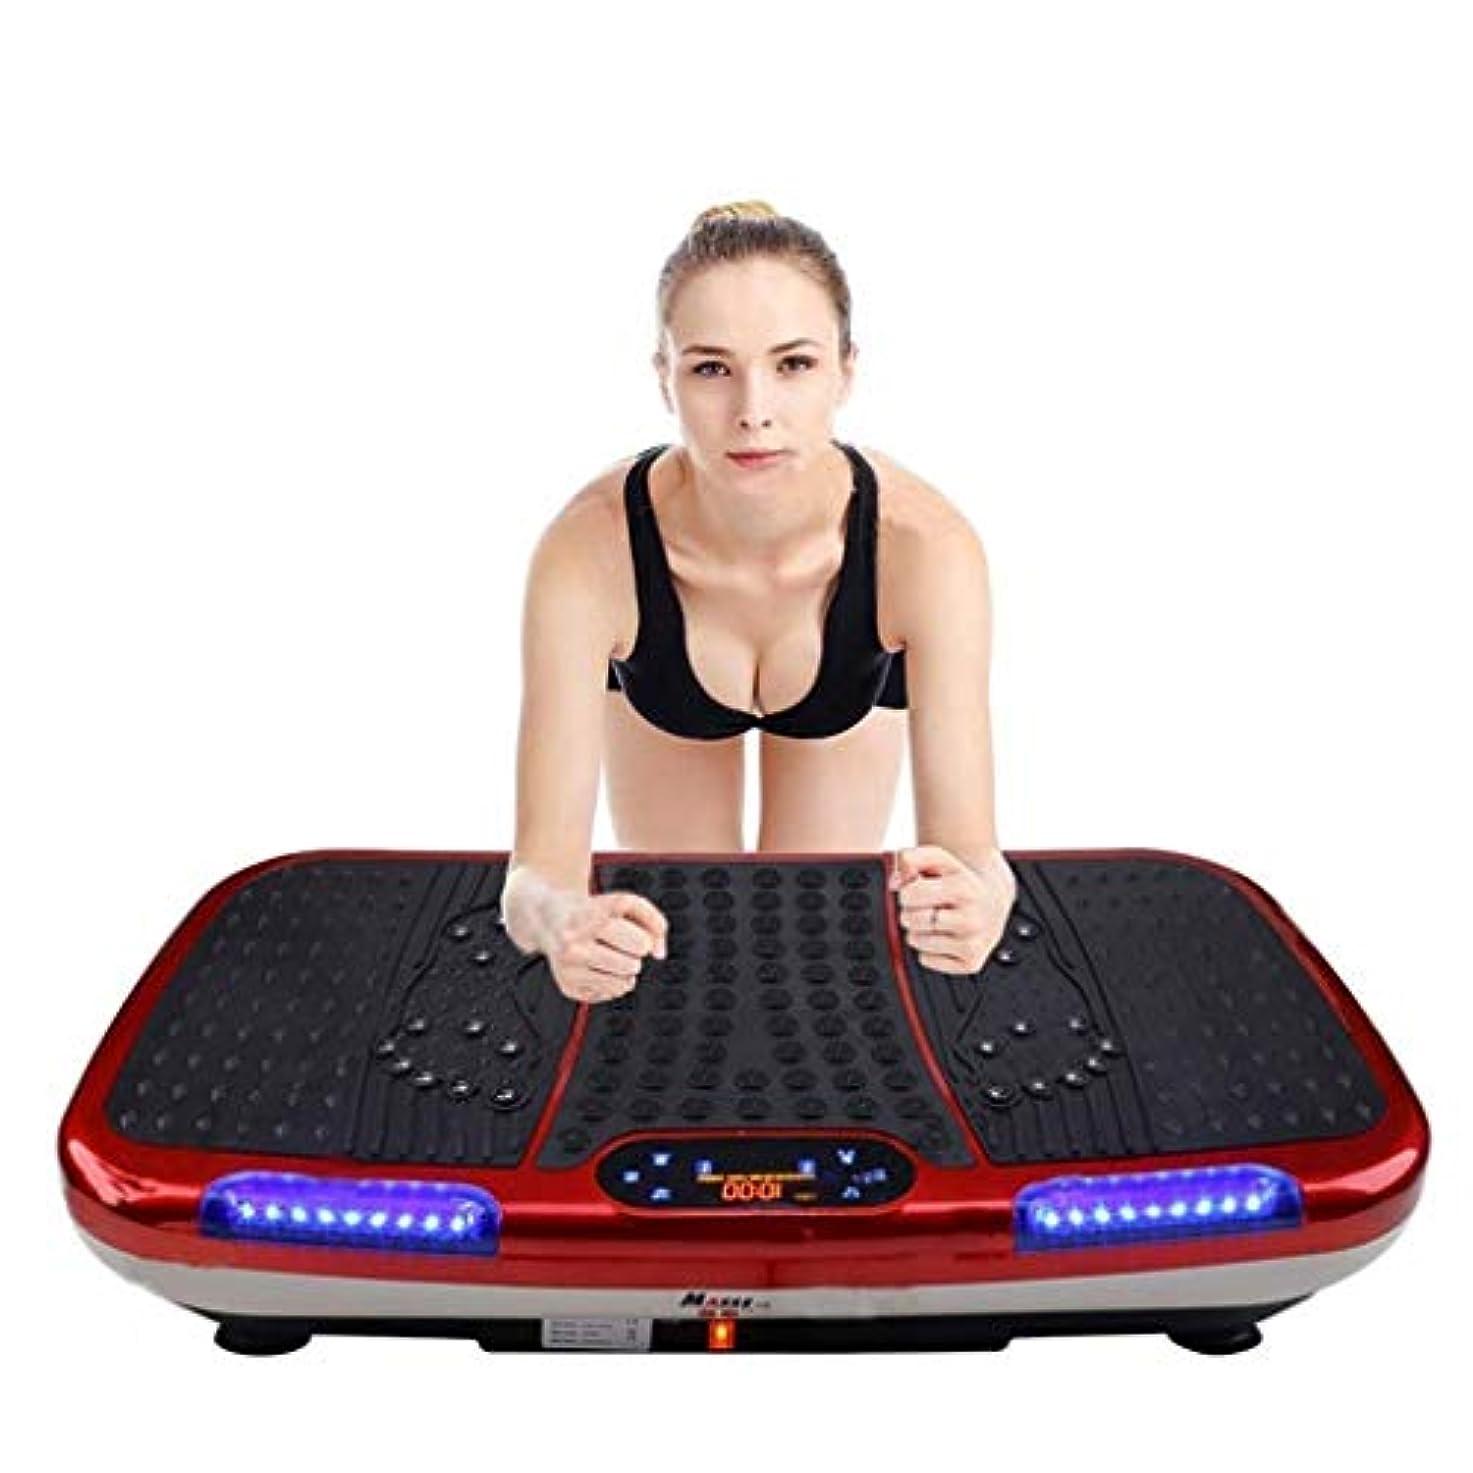 平野促進する振動させる減量装置、全身フィットネス振動トレーナー、Bluetooth音楽スピーカー、過剰な脂肪を減らすホームジム